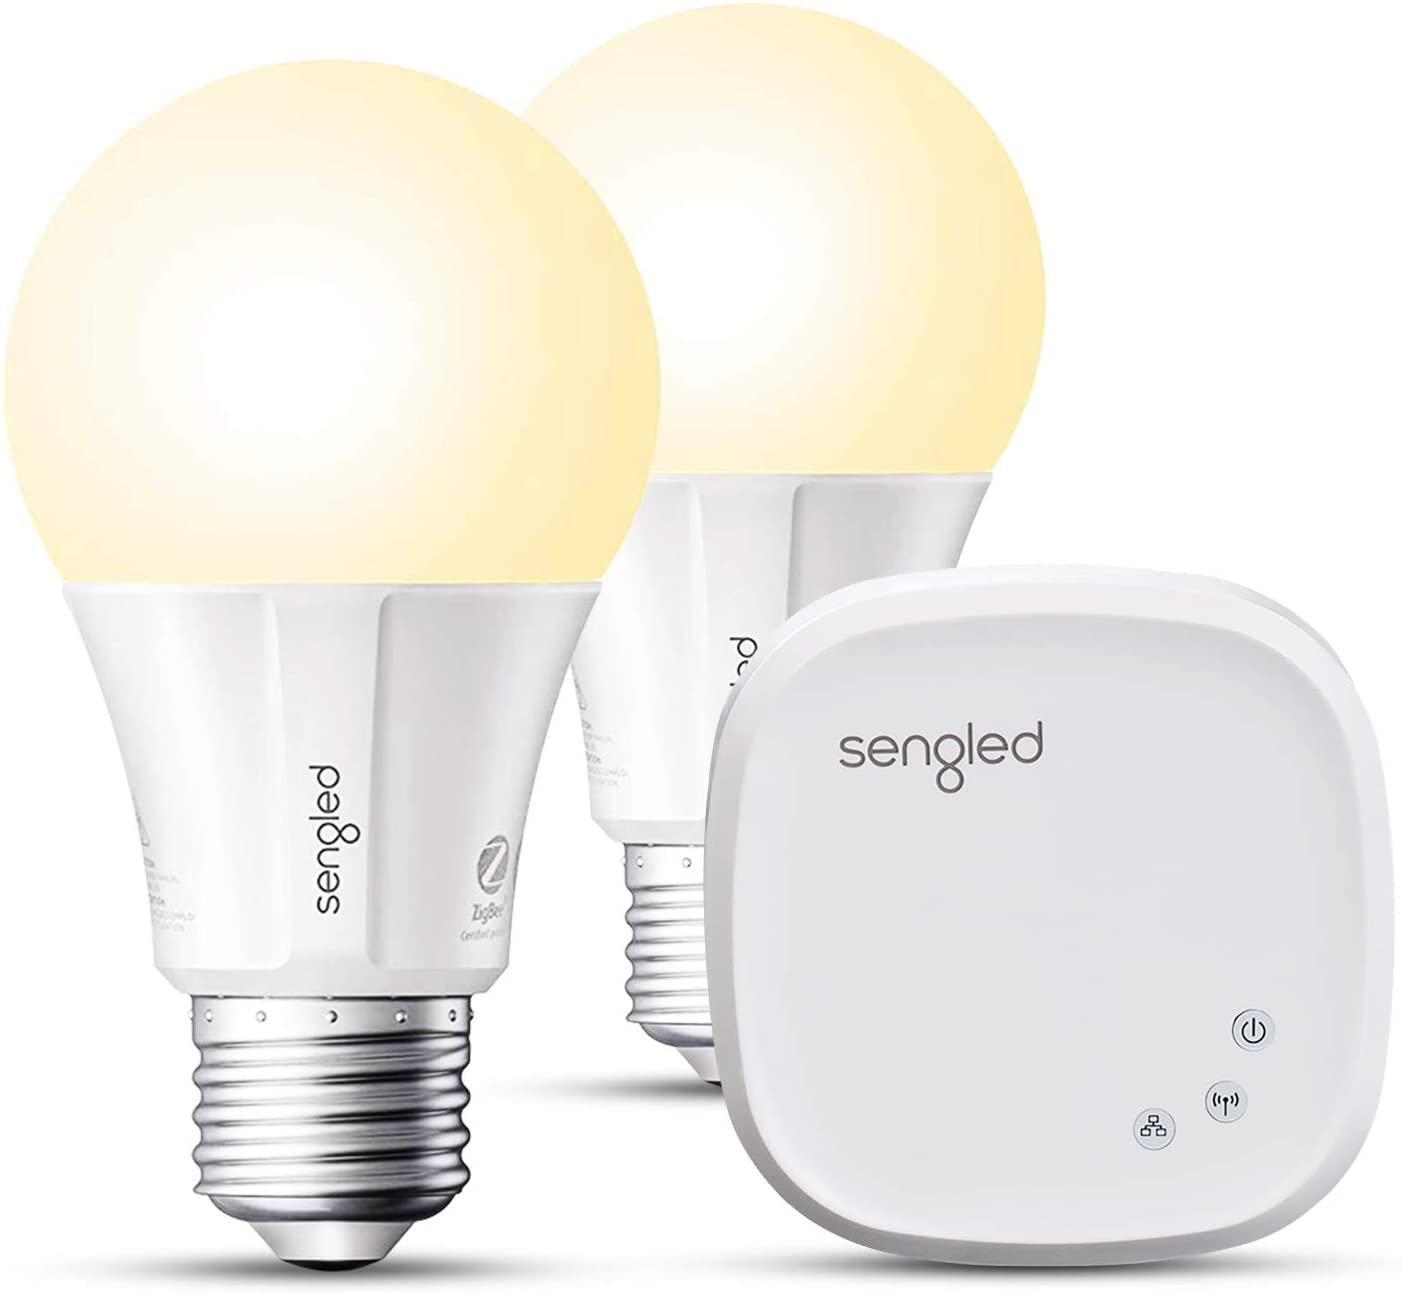 Sengled Smart Bulb Starter Kit